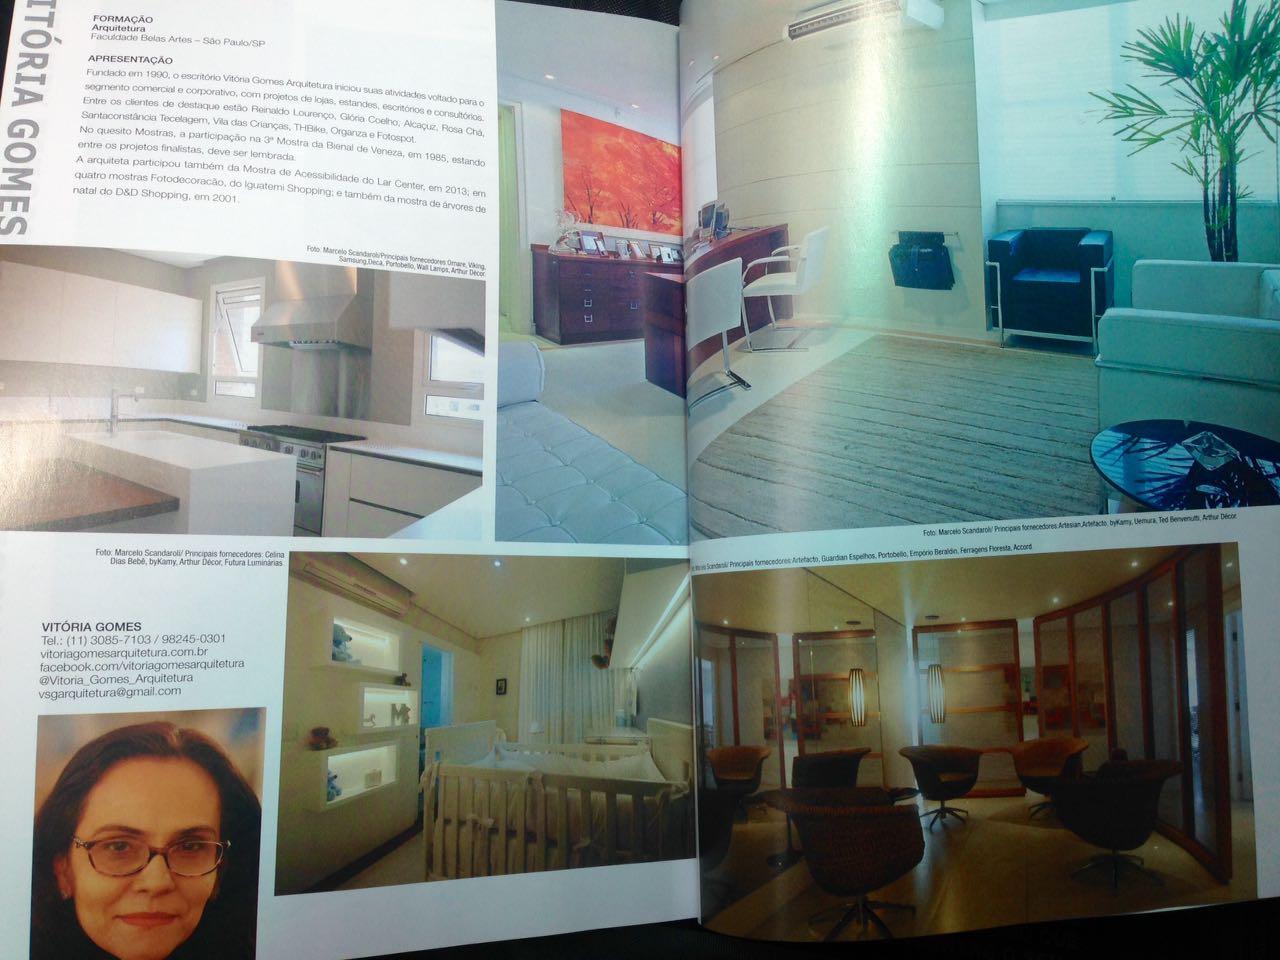 Guia do Diário do Arquiteto